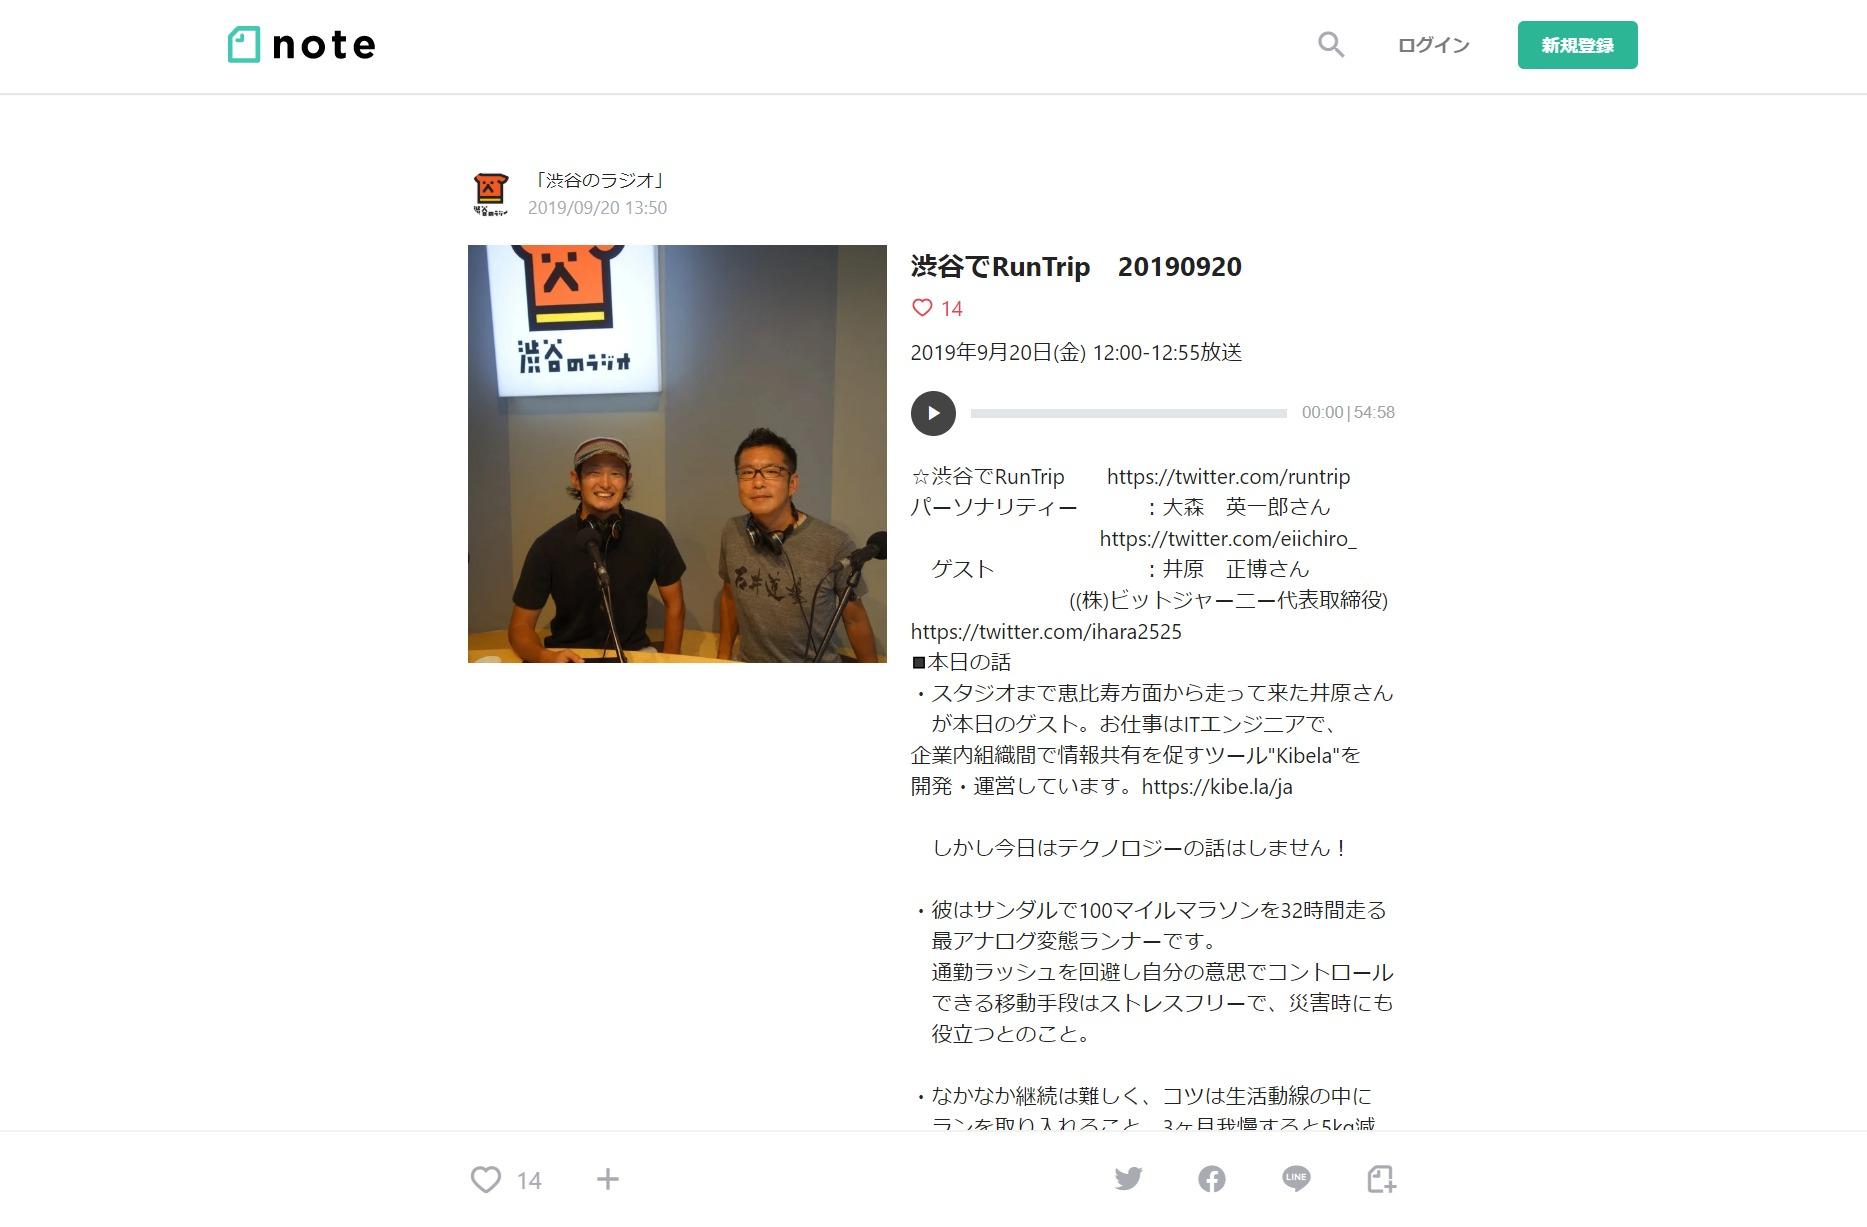 渋谷RunTrip出演